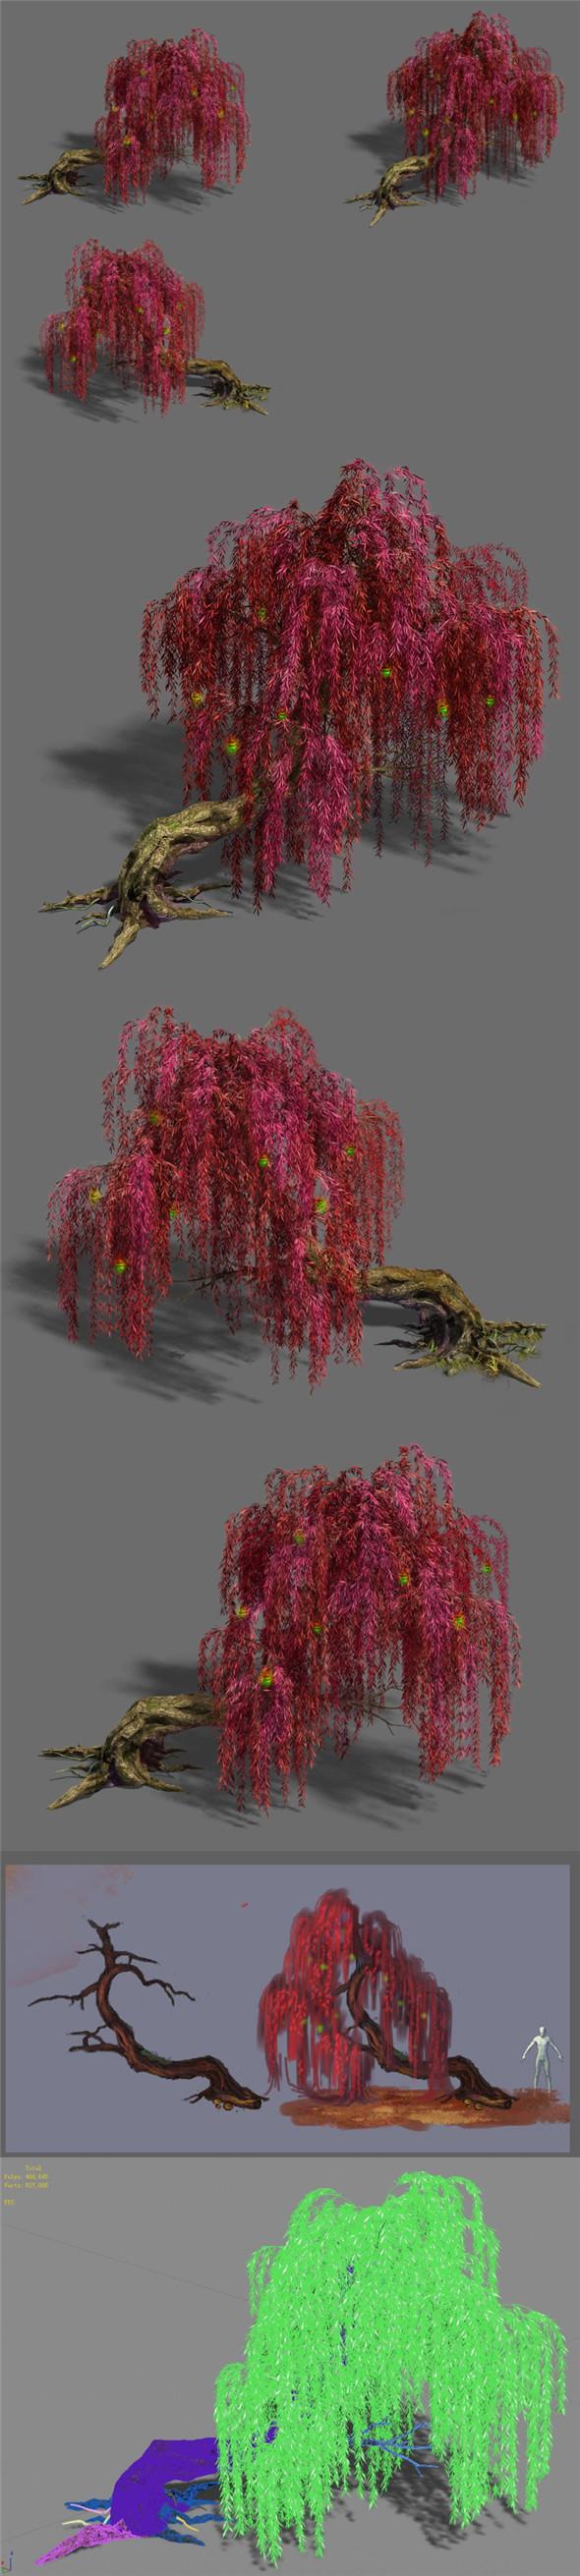 Trees - Biluo Trees 02 - 3DOcean Item for Sale